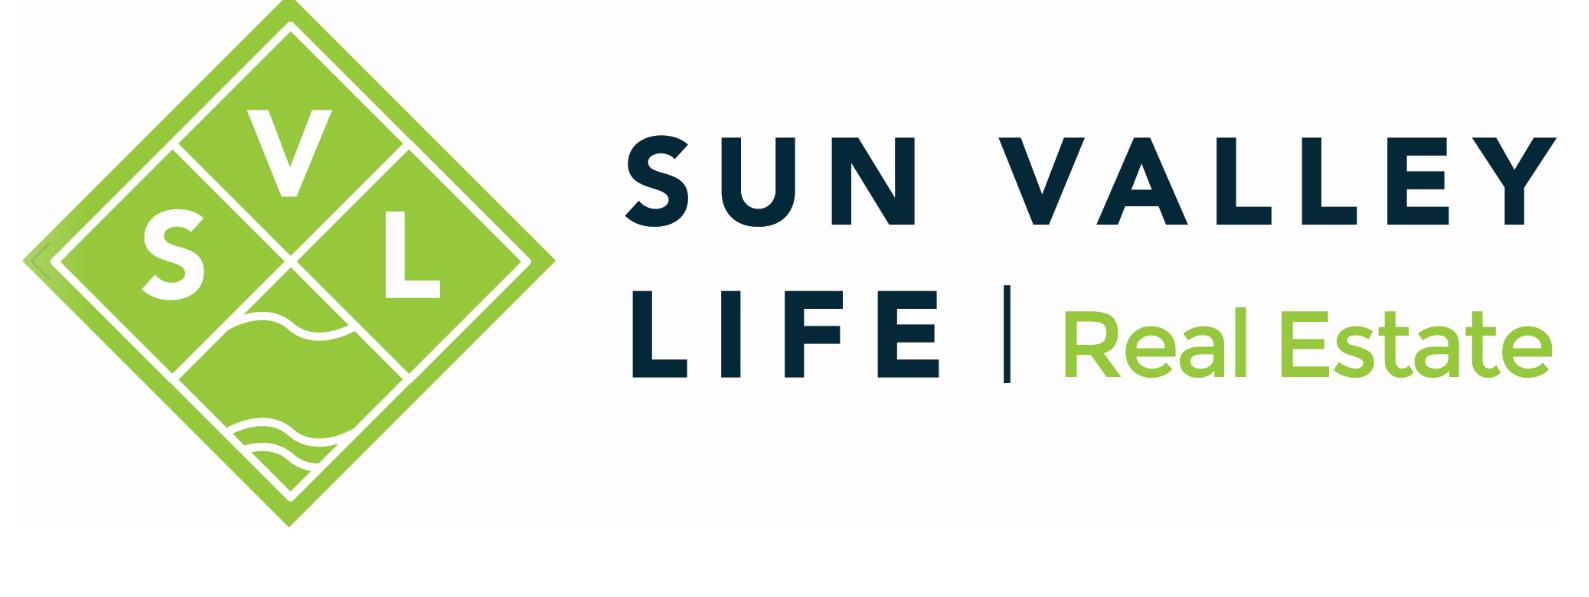 Sun Valley Life